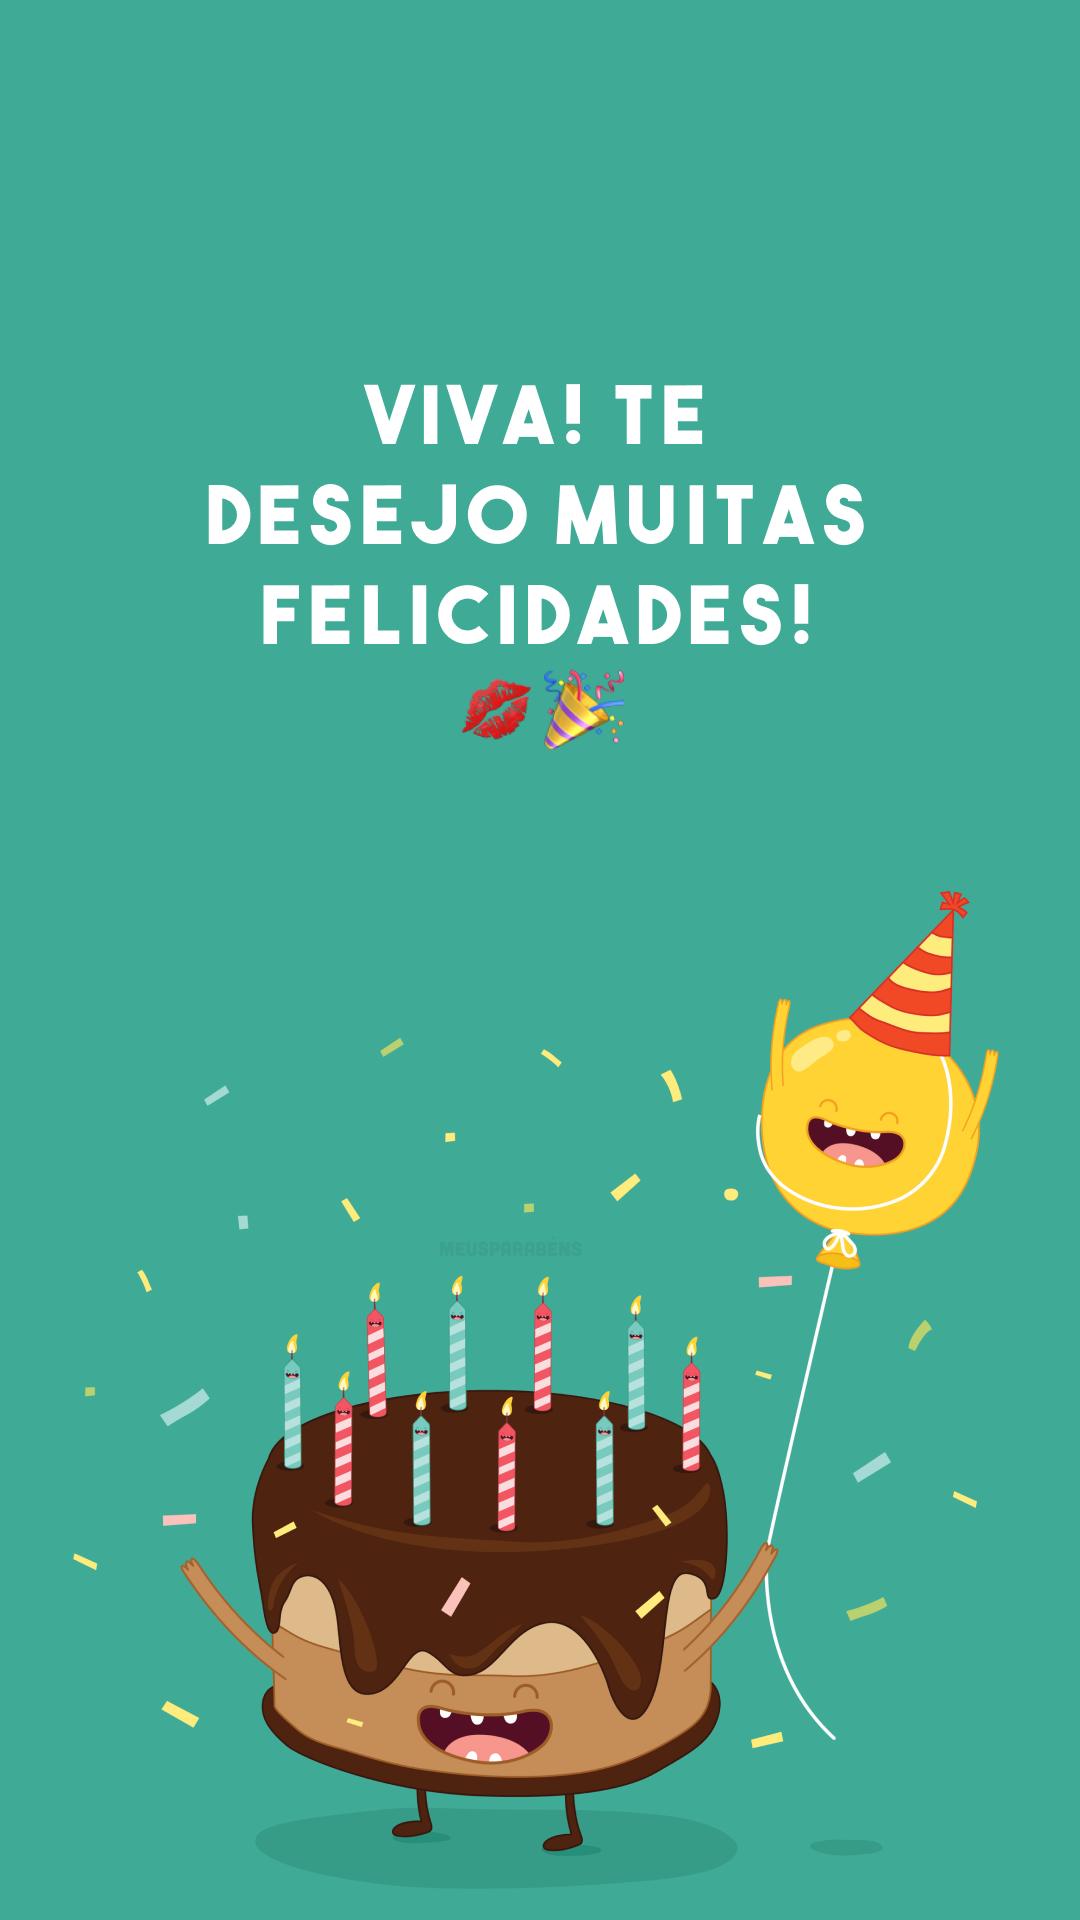 Viva! Te desejo muitas felicidades! 💋🎉